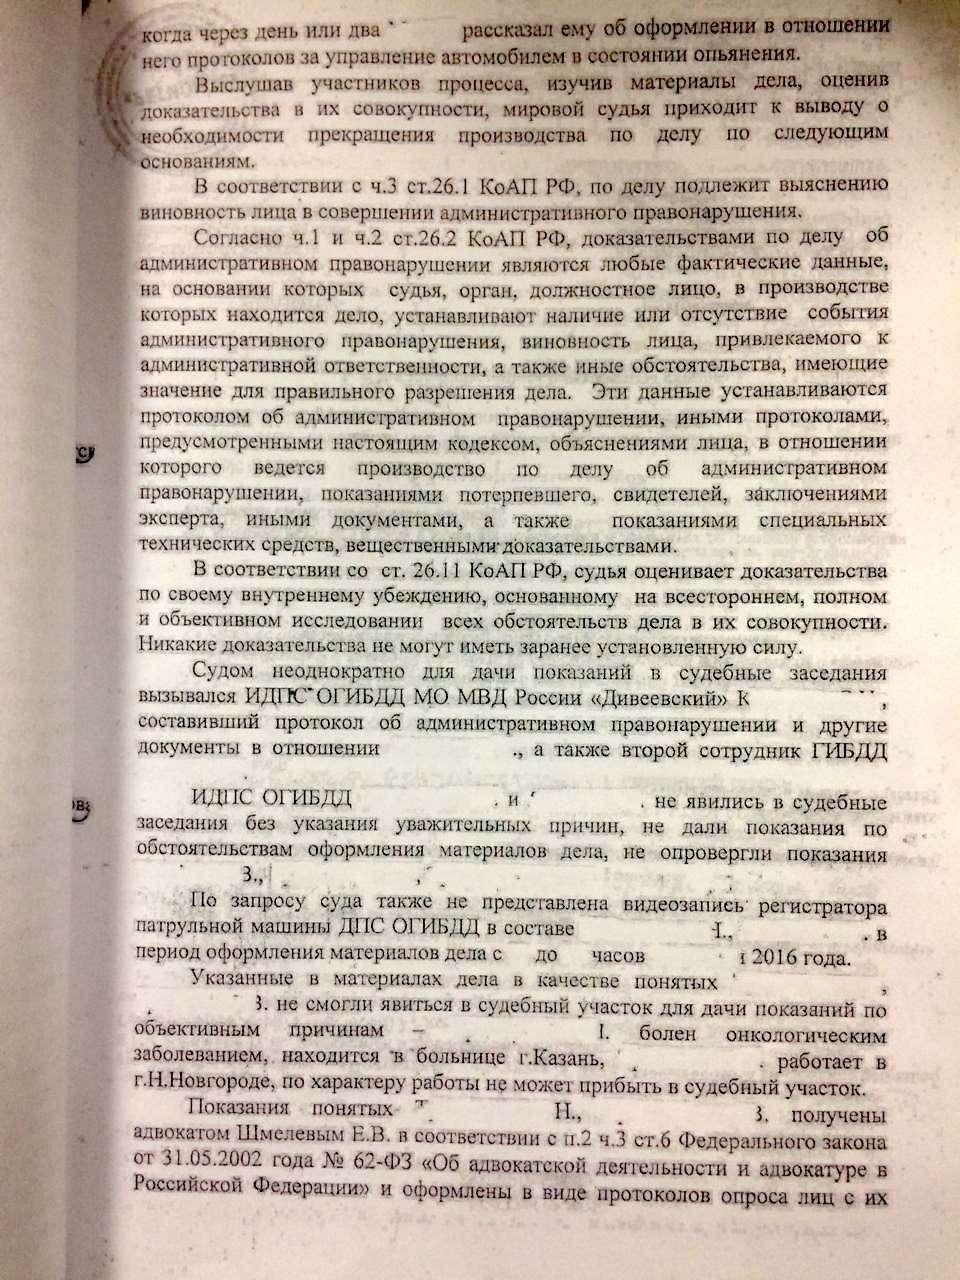 Разводки ГИБДД: как не лишиться прав заотказ отмедосвидетельствования— фото 927378